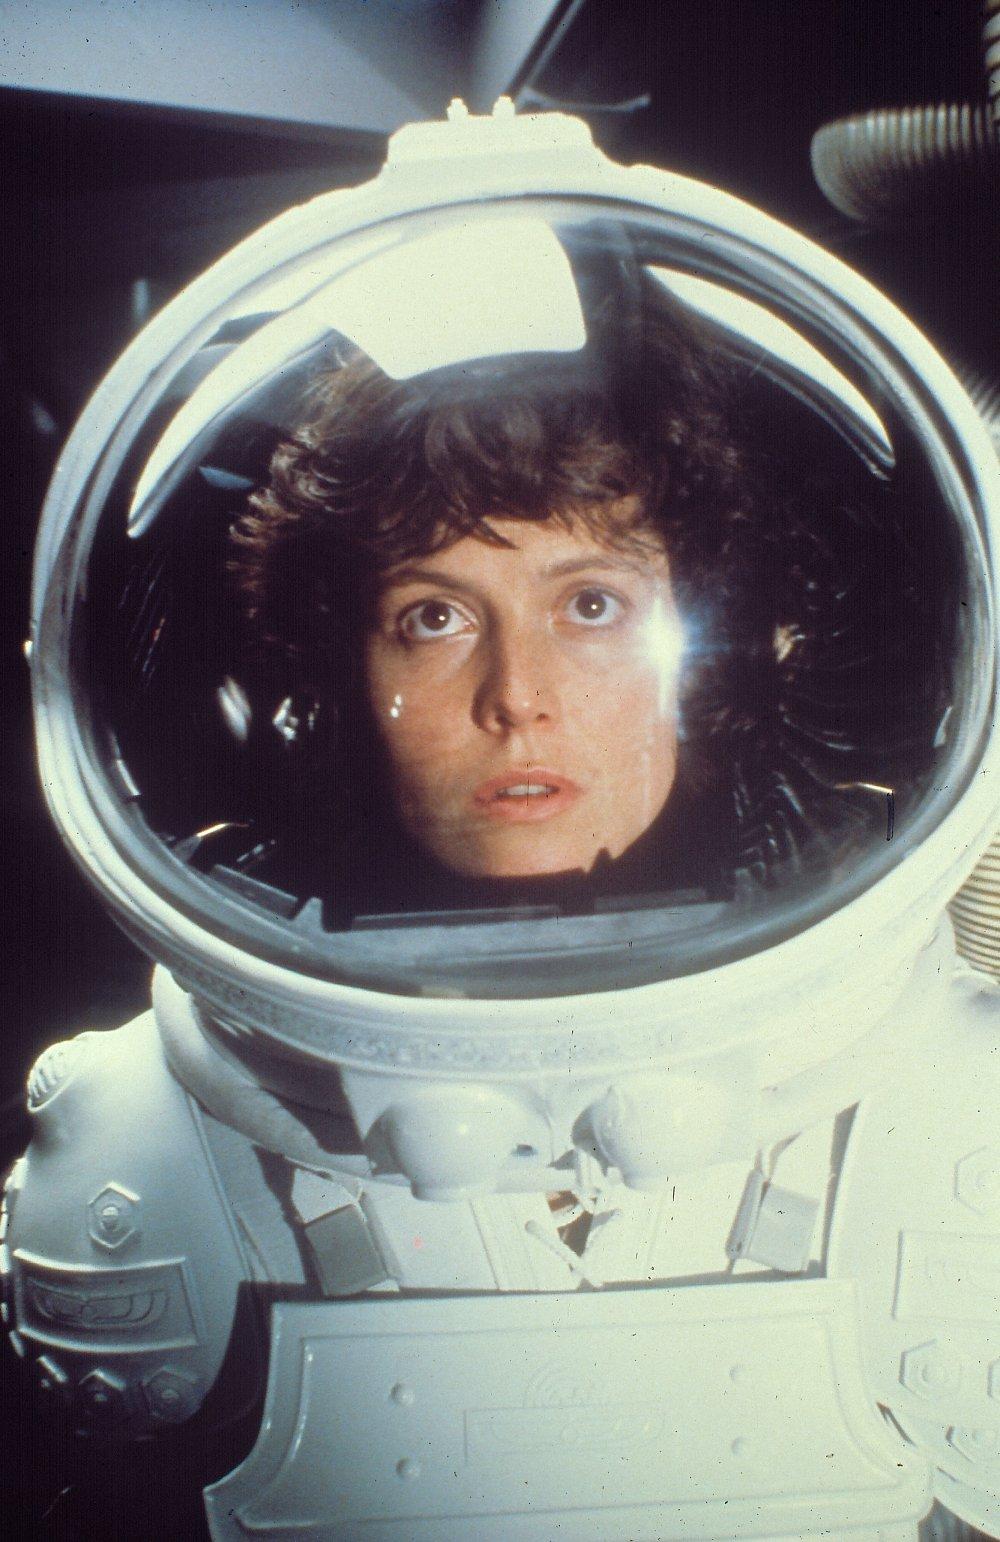 Alien (1979): Sigourney Weaver as Ripley